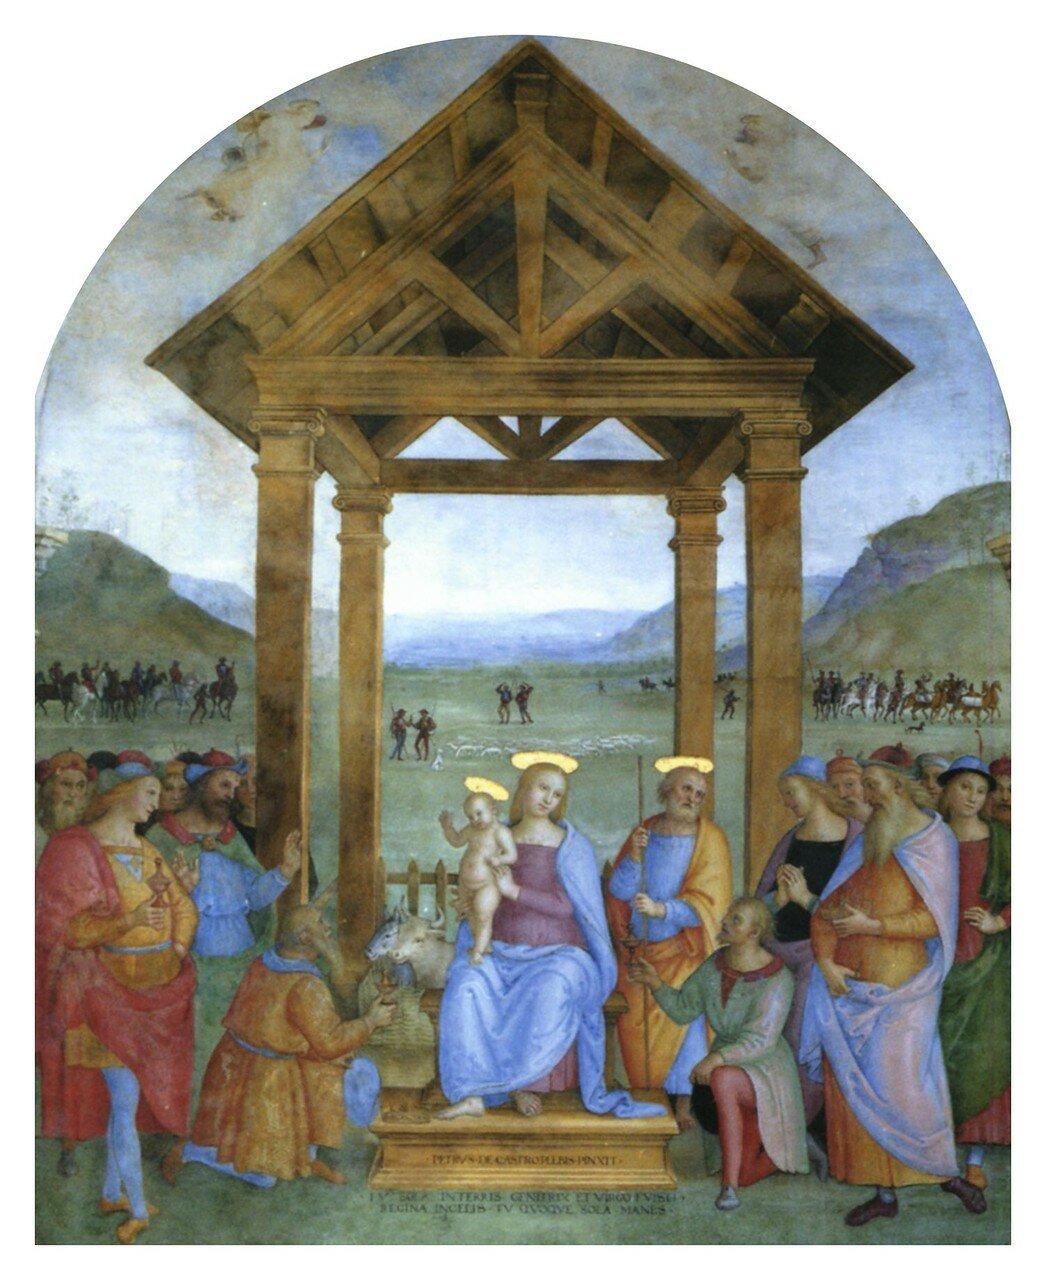 Pietro_Perugino_1521-22.jpg